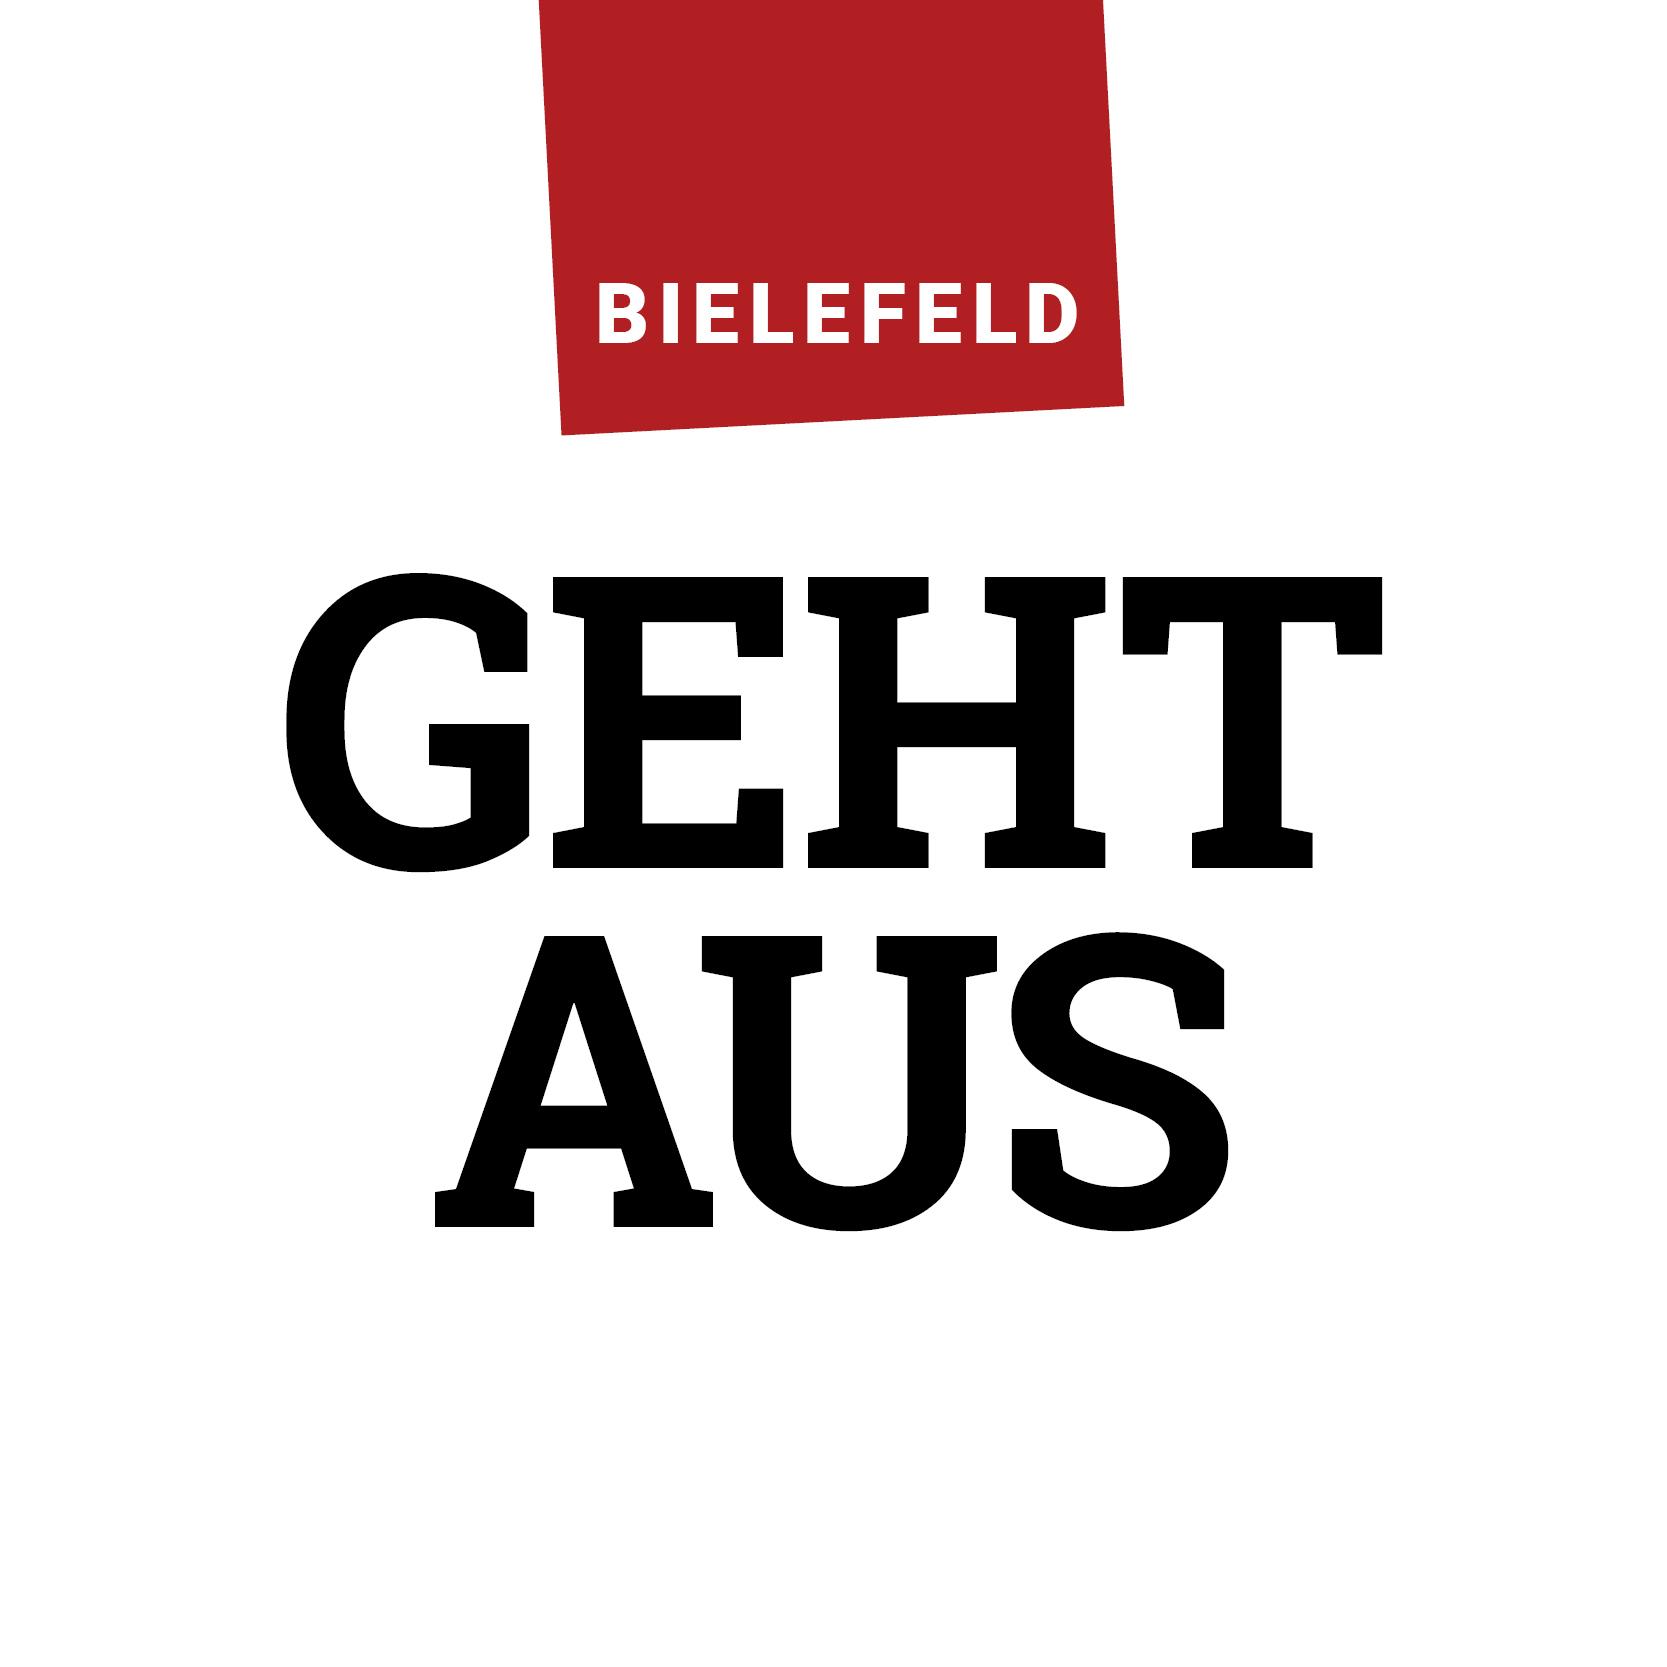 Bielefeld geht aus